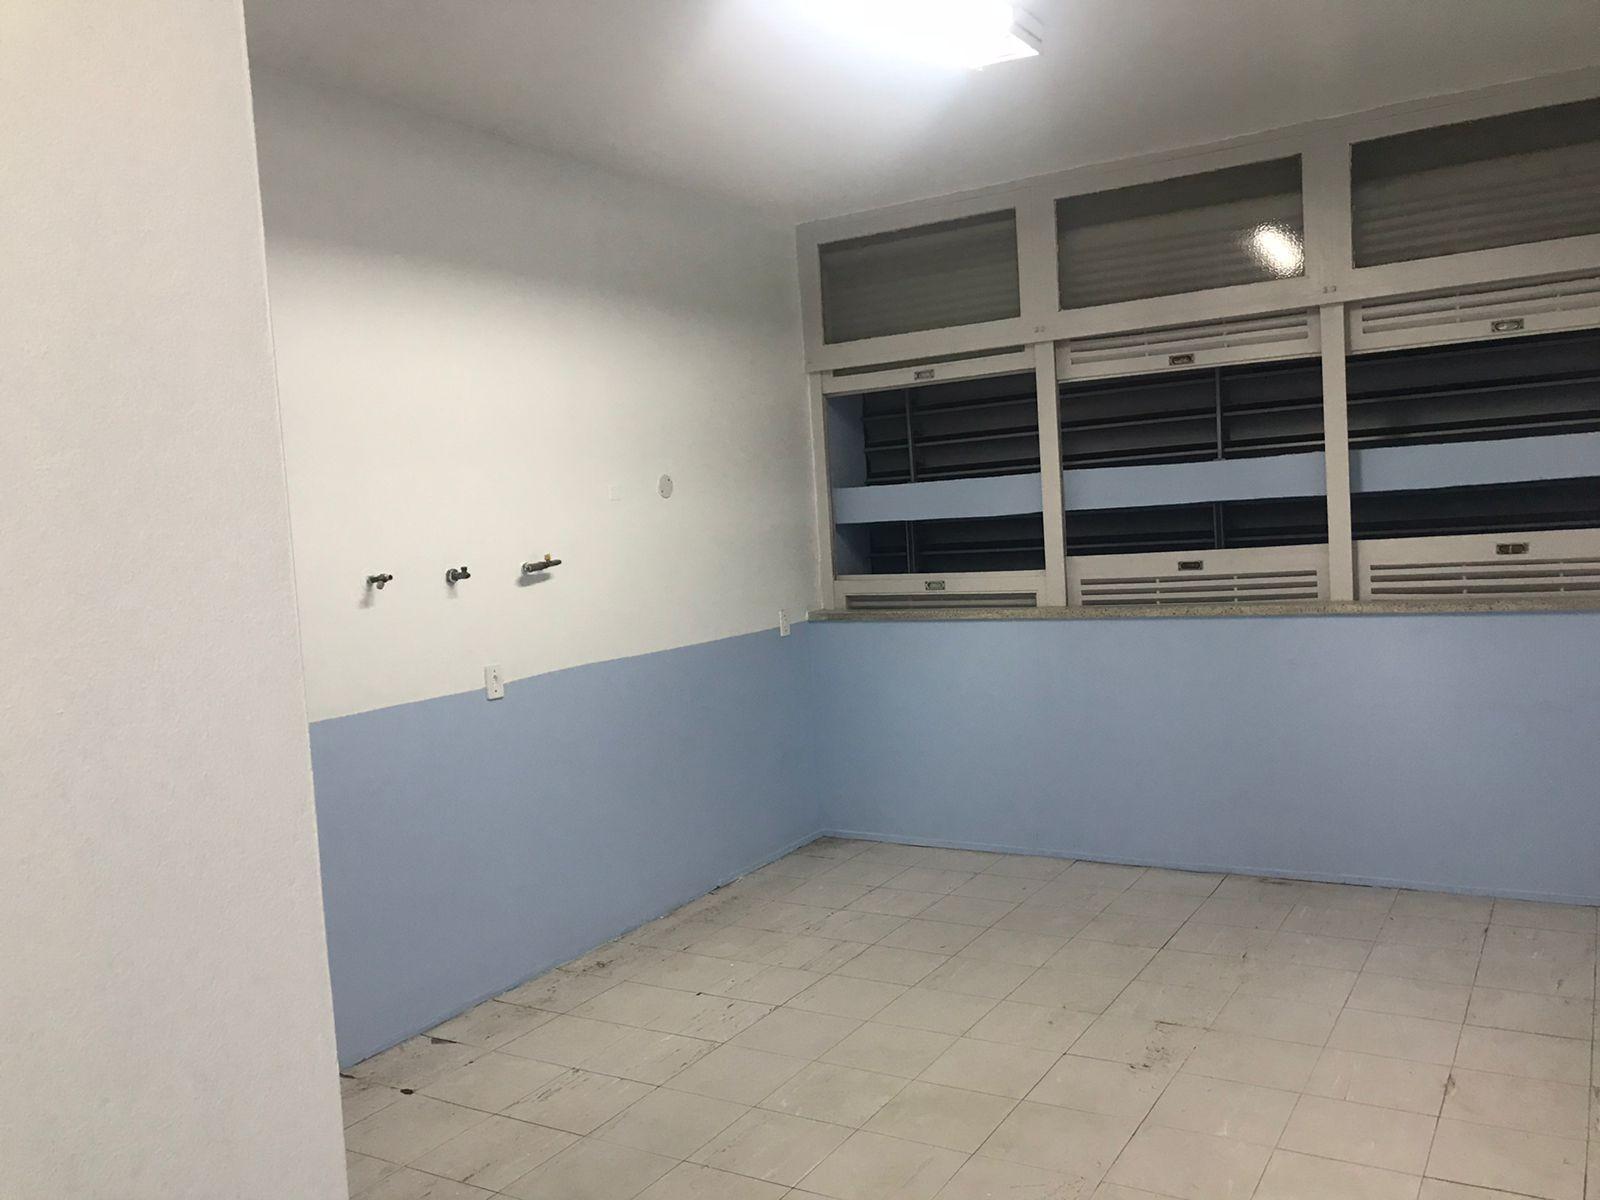 Foto: Divulgação/Secom